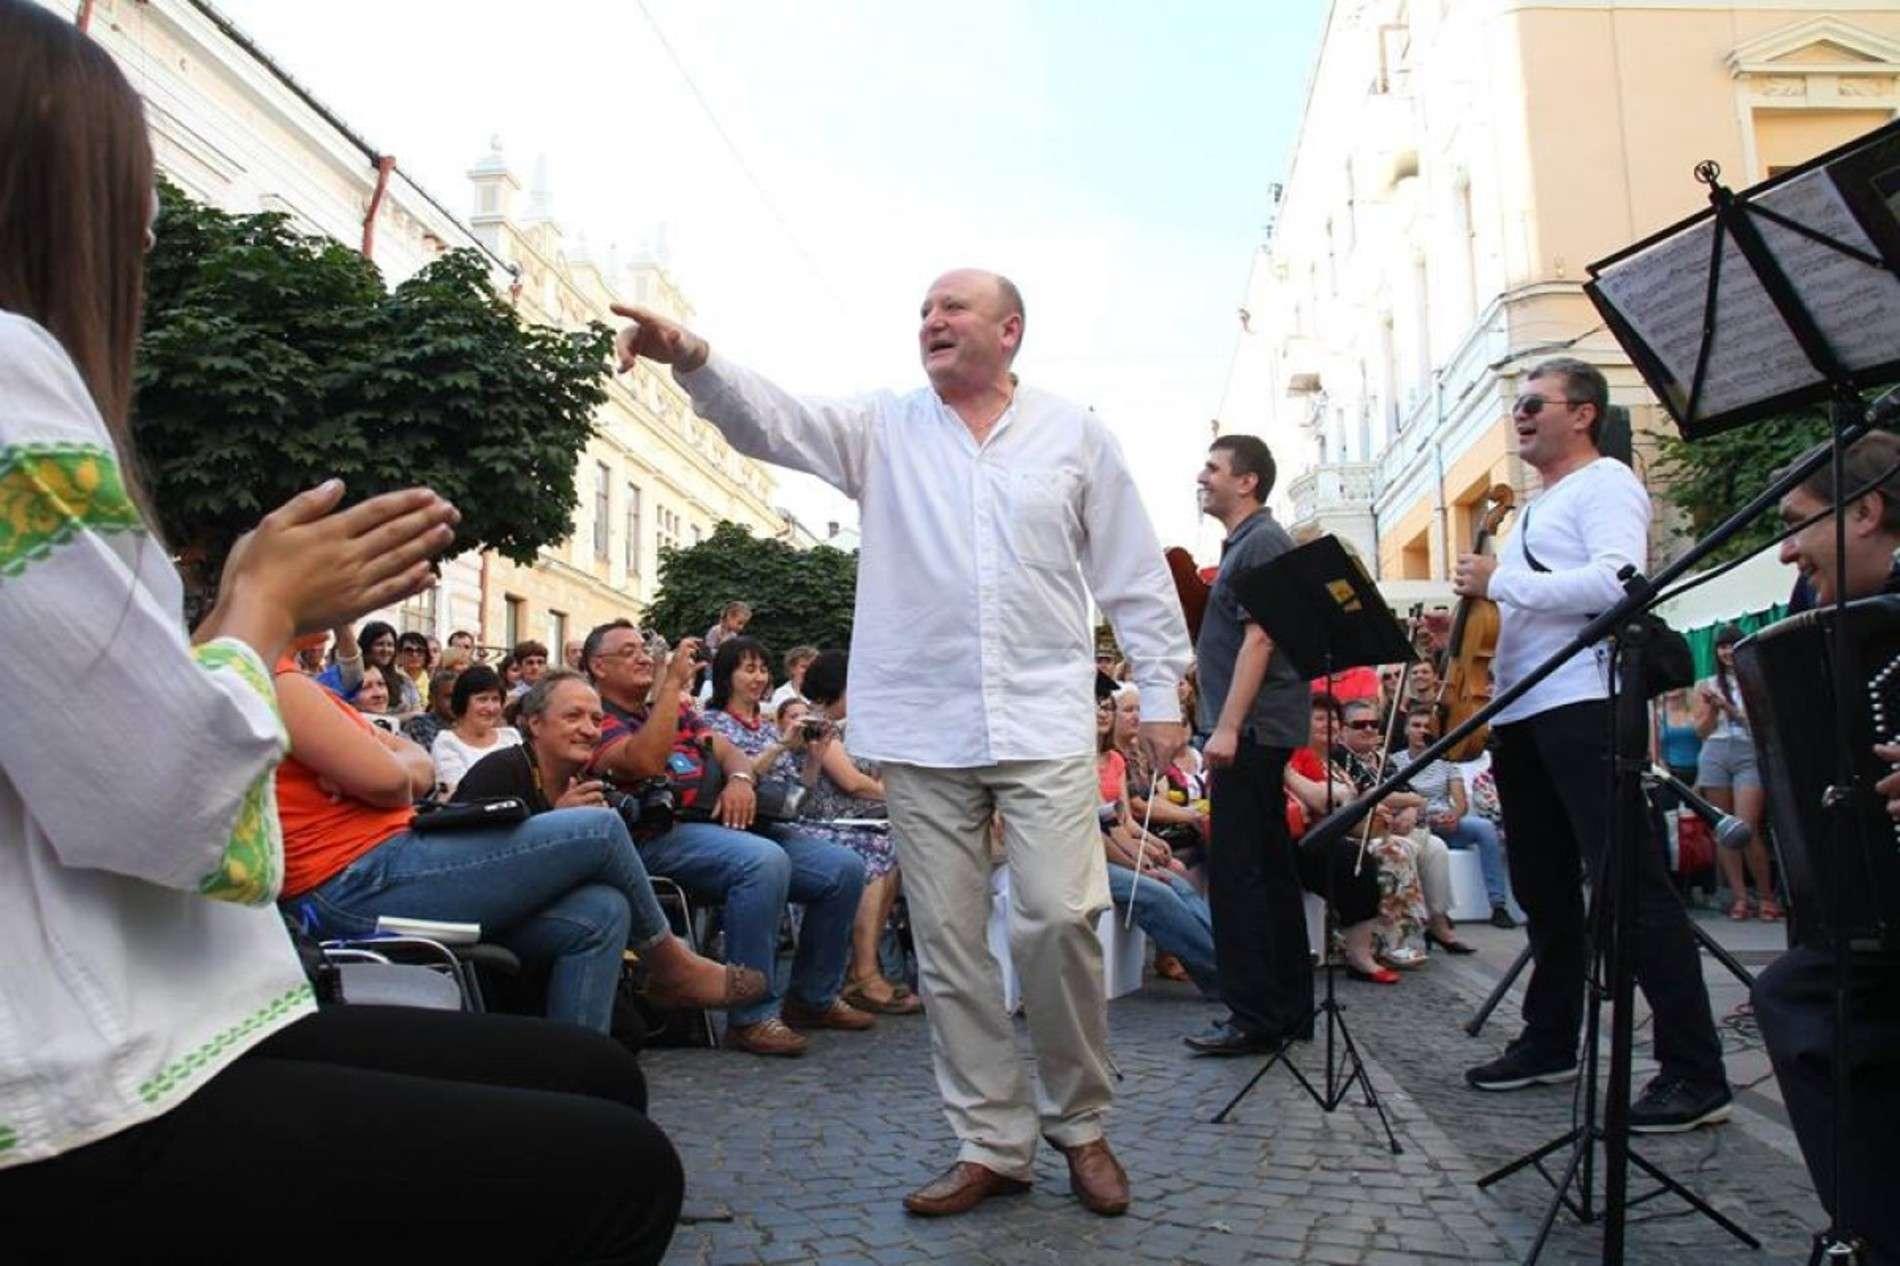 У Чернівцях просто на вулиці влаштували справжній концерт запальної єврейської музики